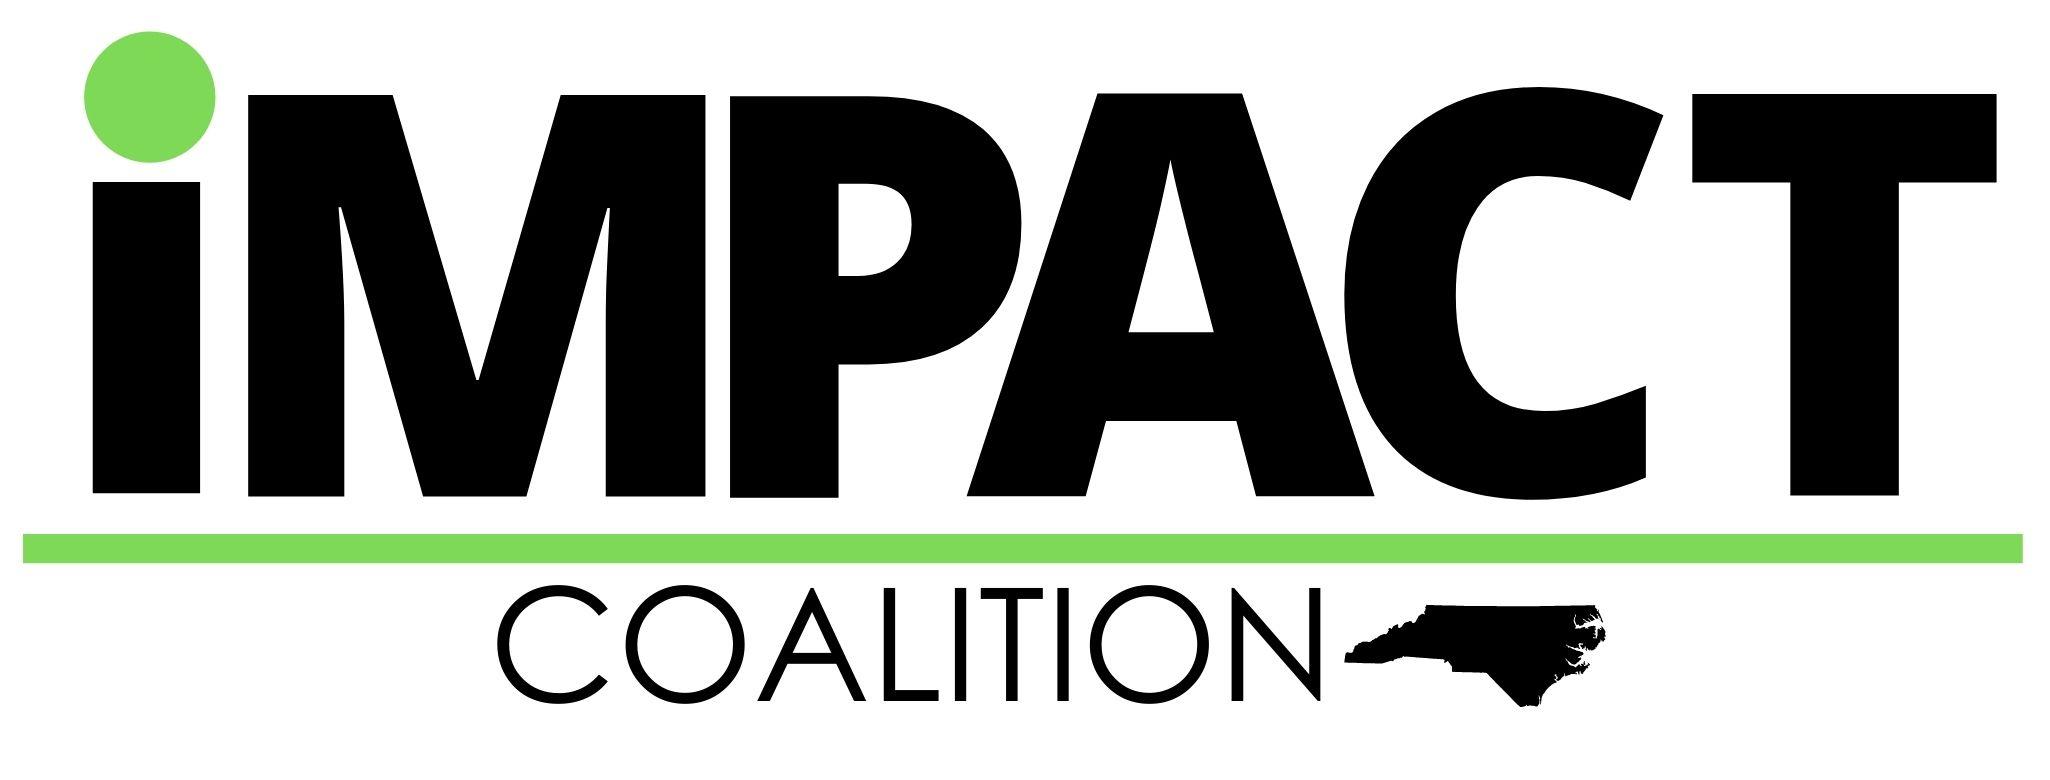 Impact Coaliiton Logo